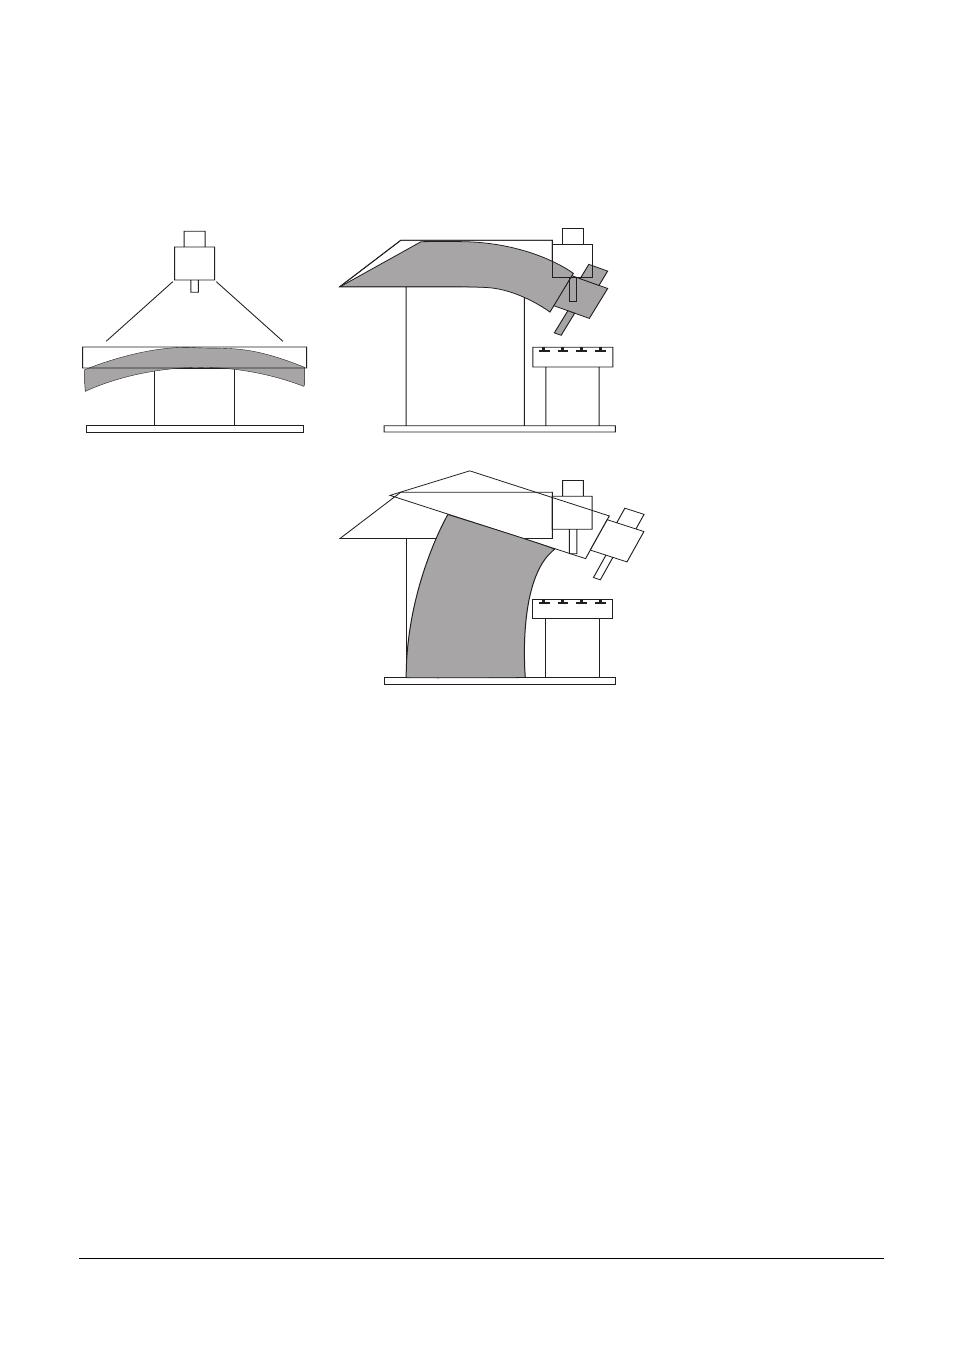 Nonlinear axis error compensation, 4 nonlinear axis error